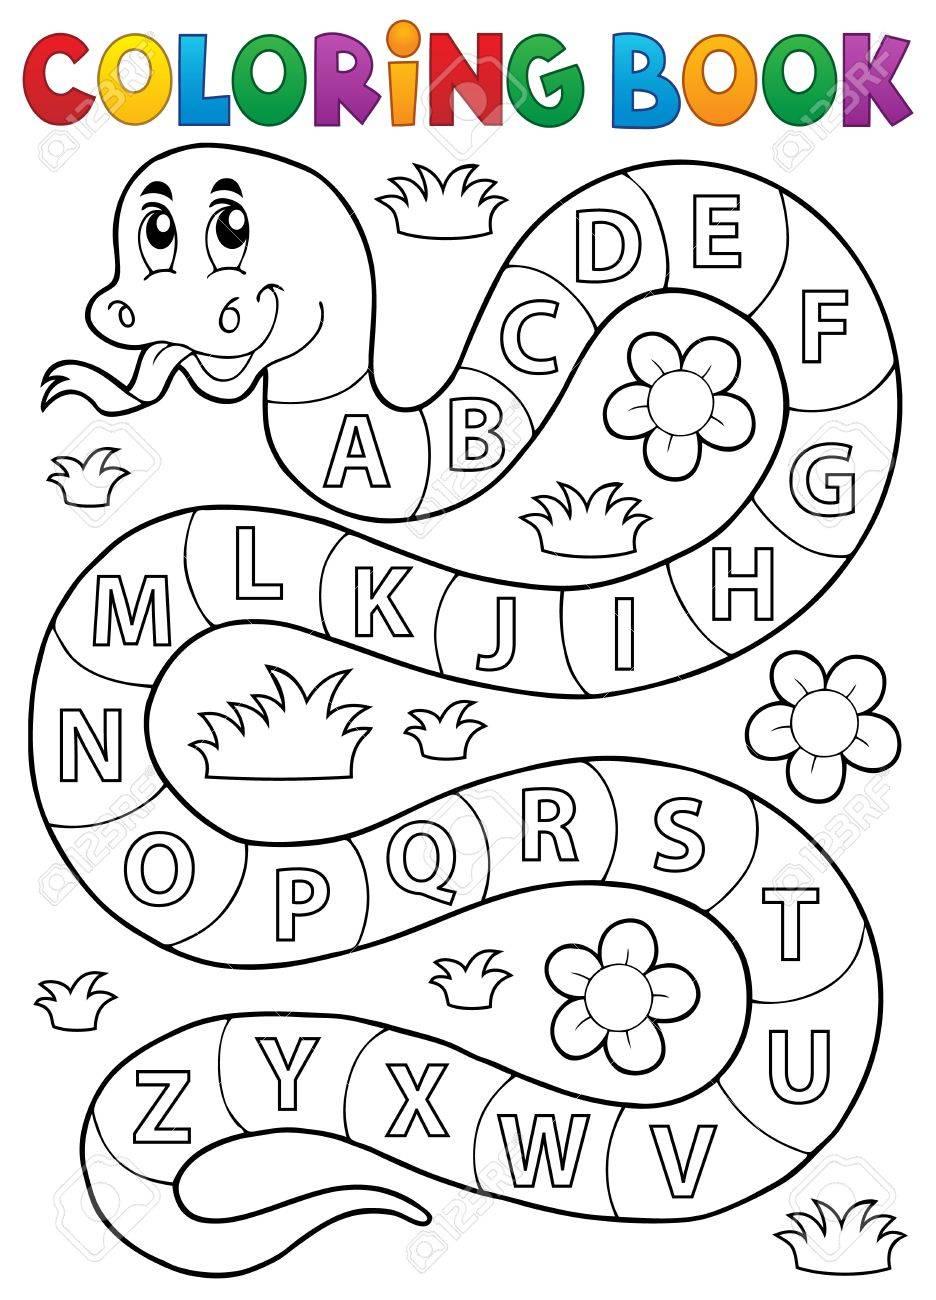 Coloriage serpent du livre avec le thème de l'alphabet   eps25 illustration  vectorielle.